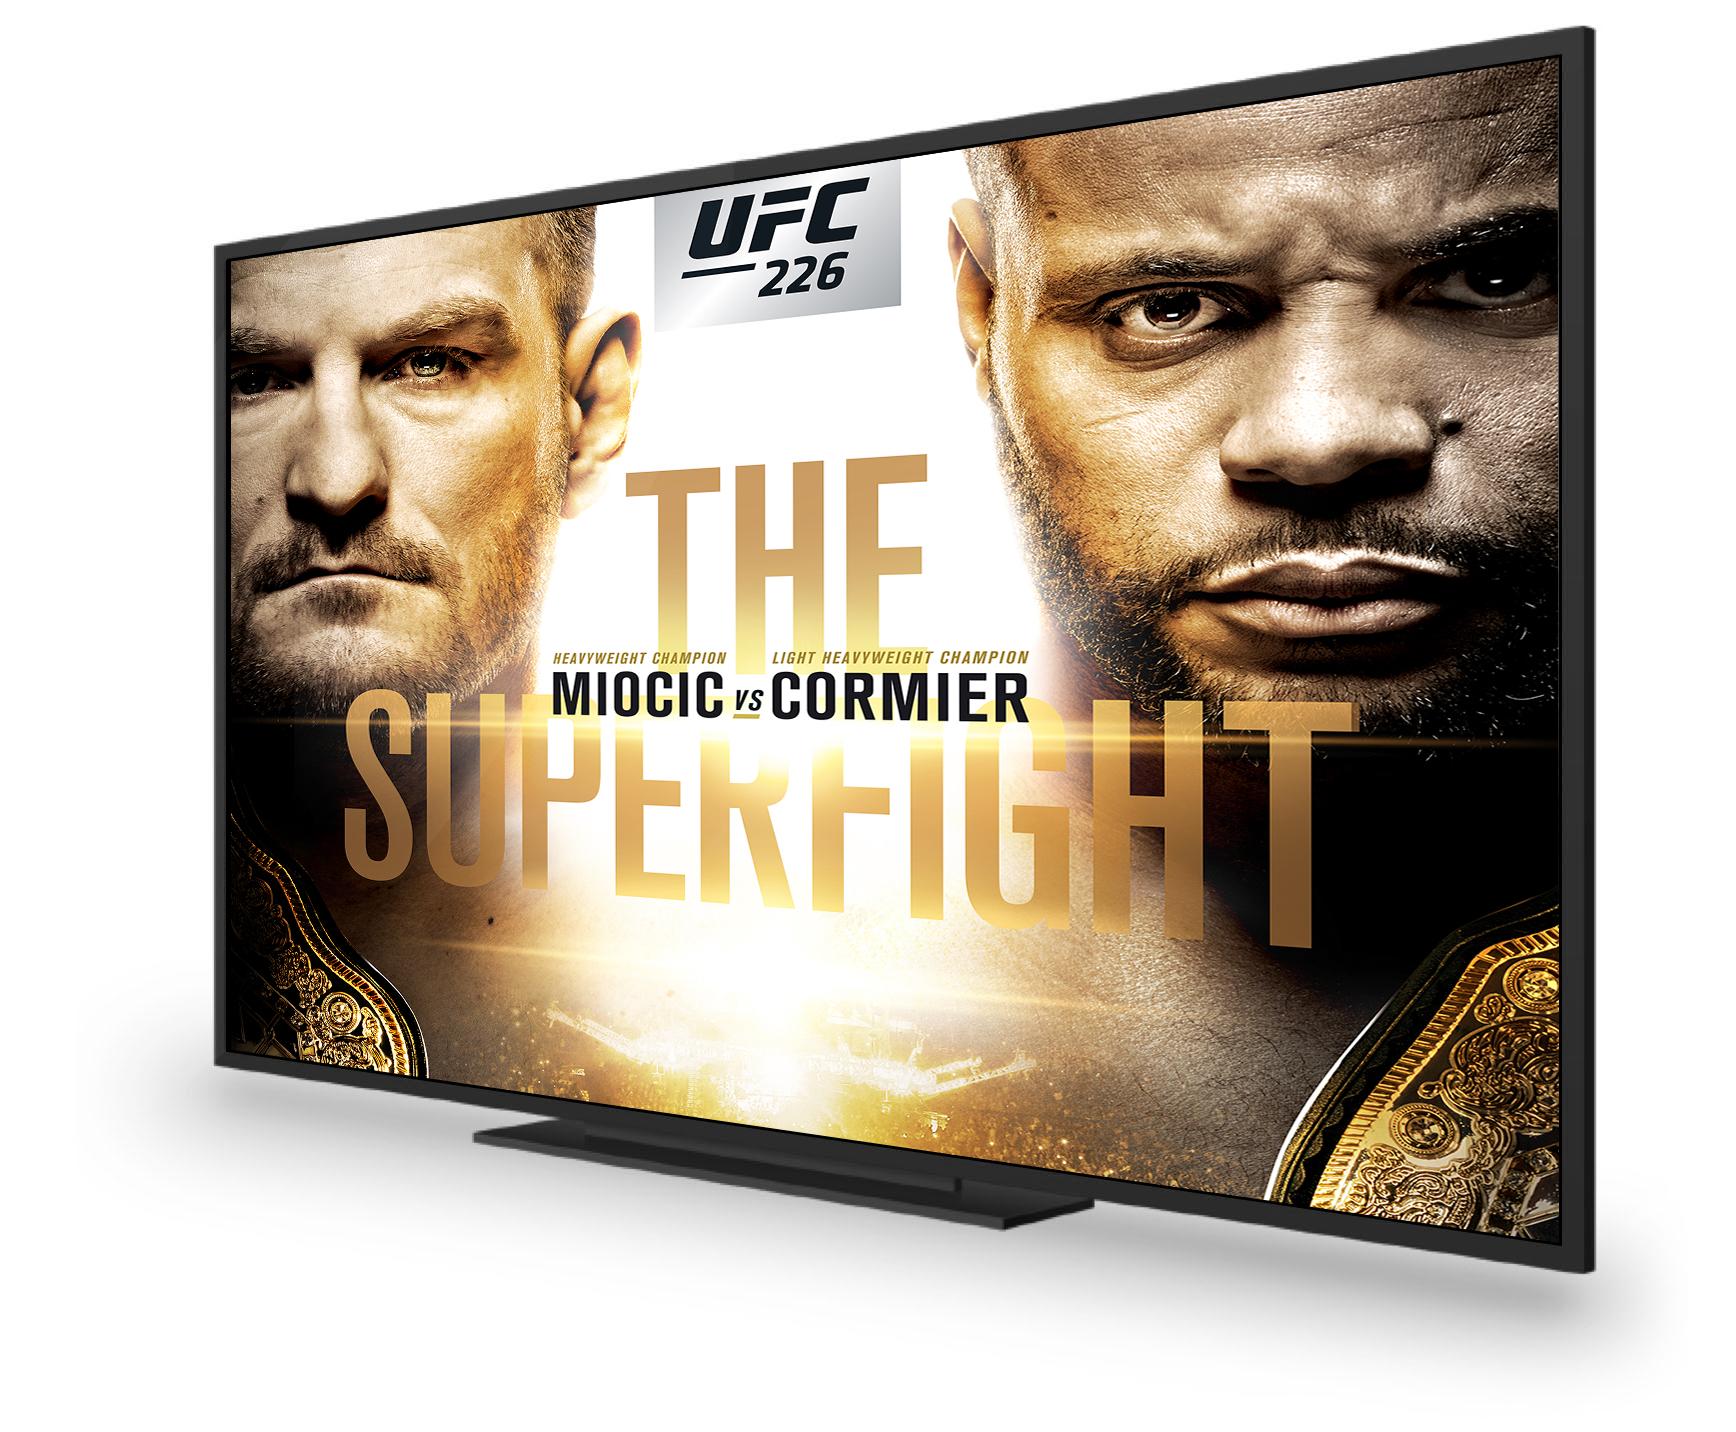 SD-UFC226-E-Spot_Footer-En-1736x1432.jpg